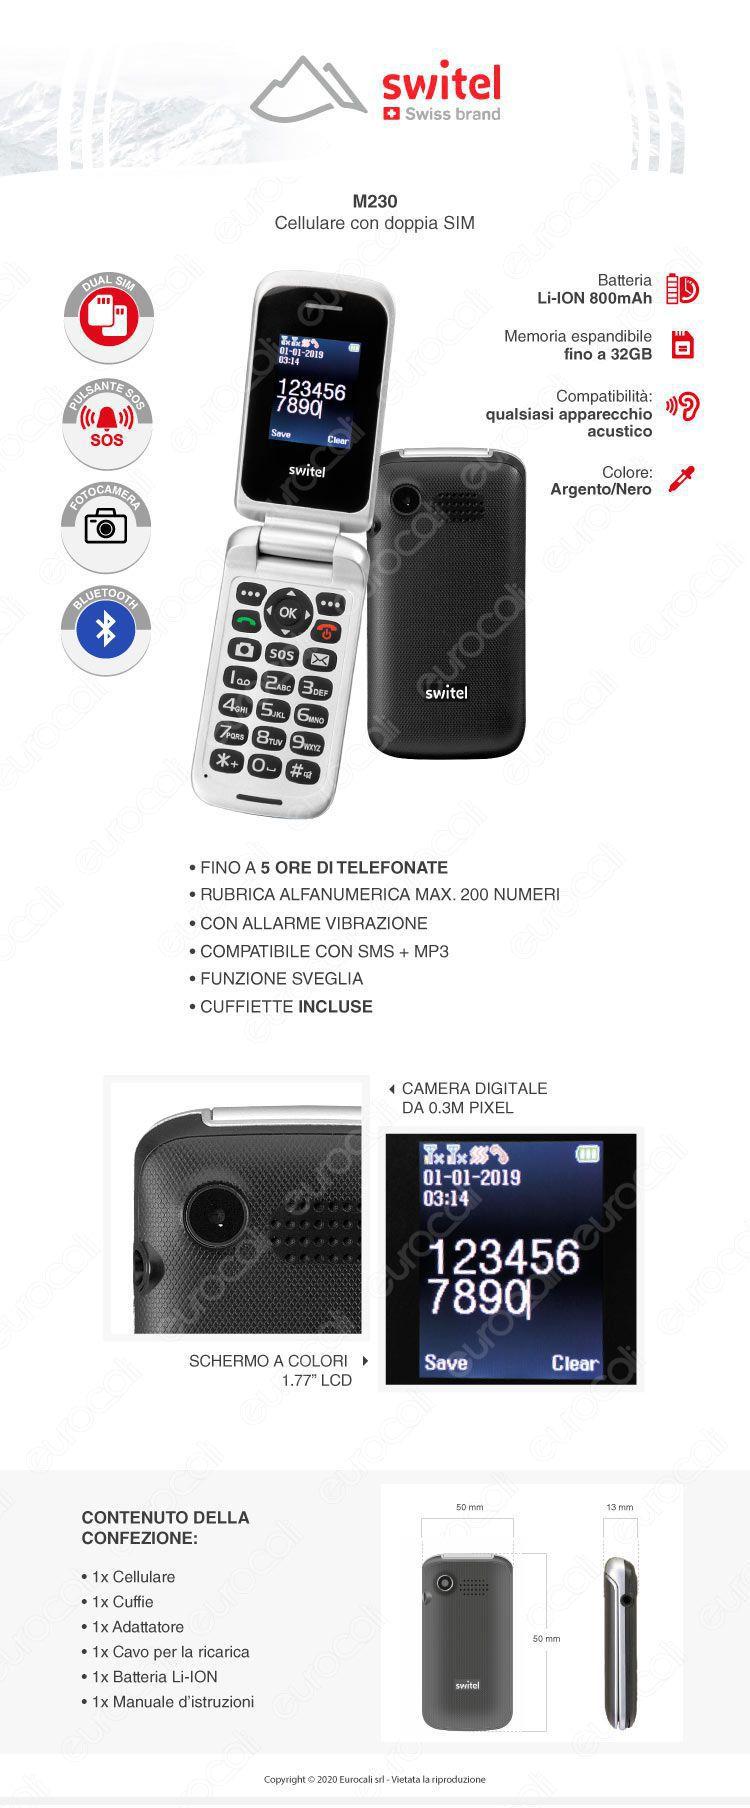 Switel M230 Mobile Telefono Cellulare per Portatori di Apparecchi Acustici